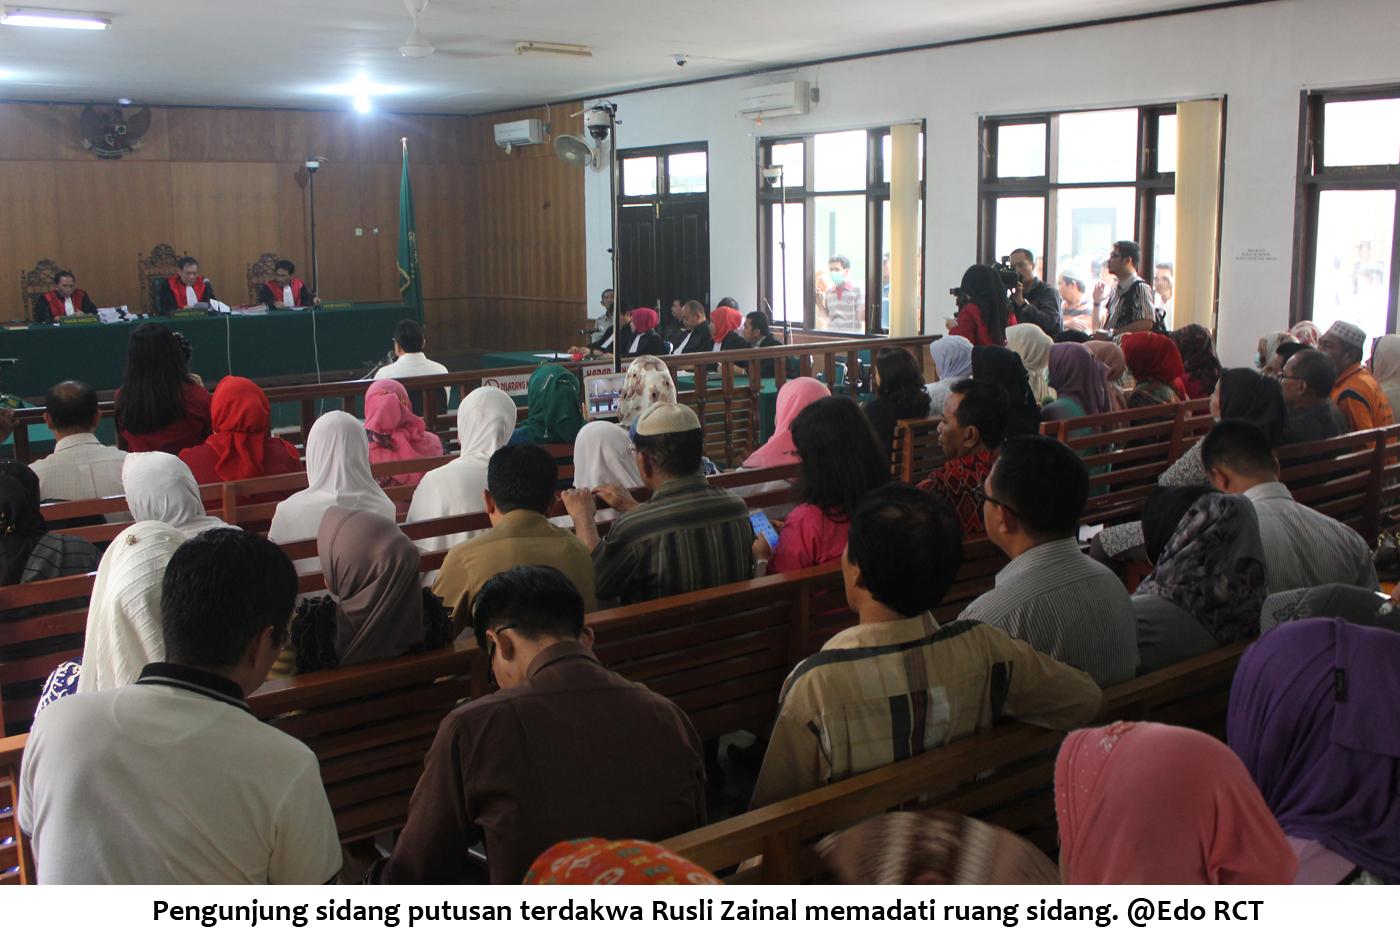 Pengunjung sidang putusan RZ memadati ruang sidang